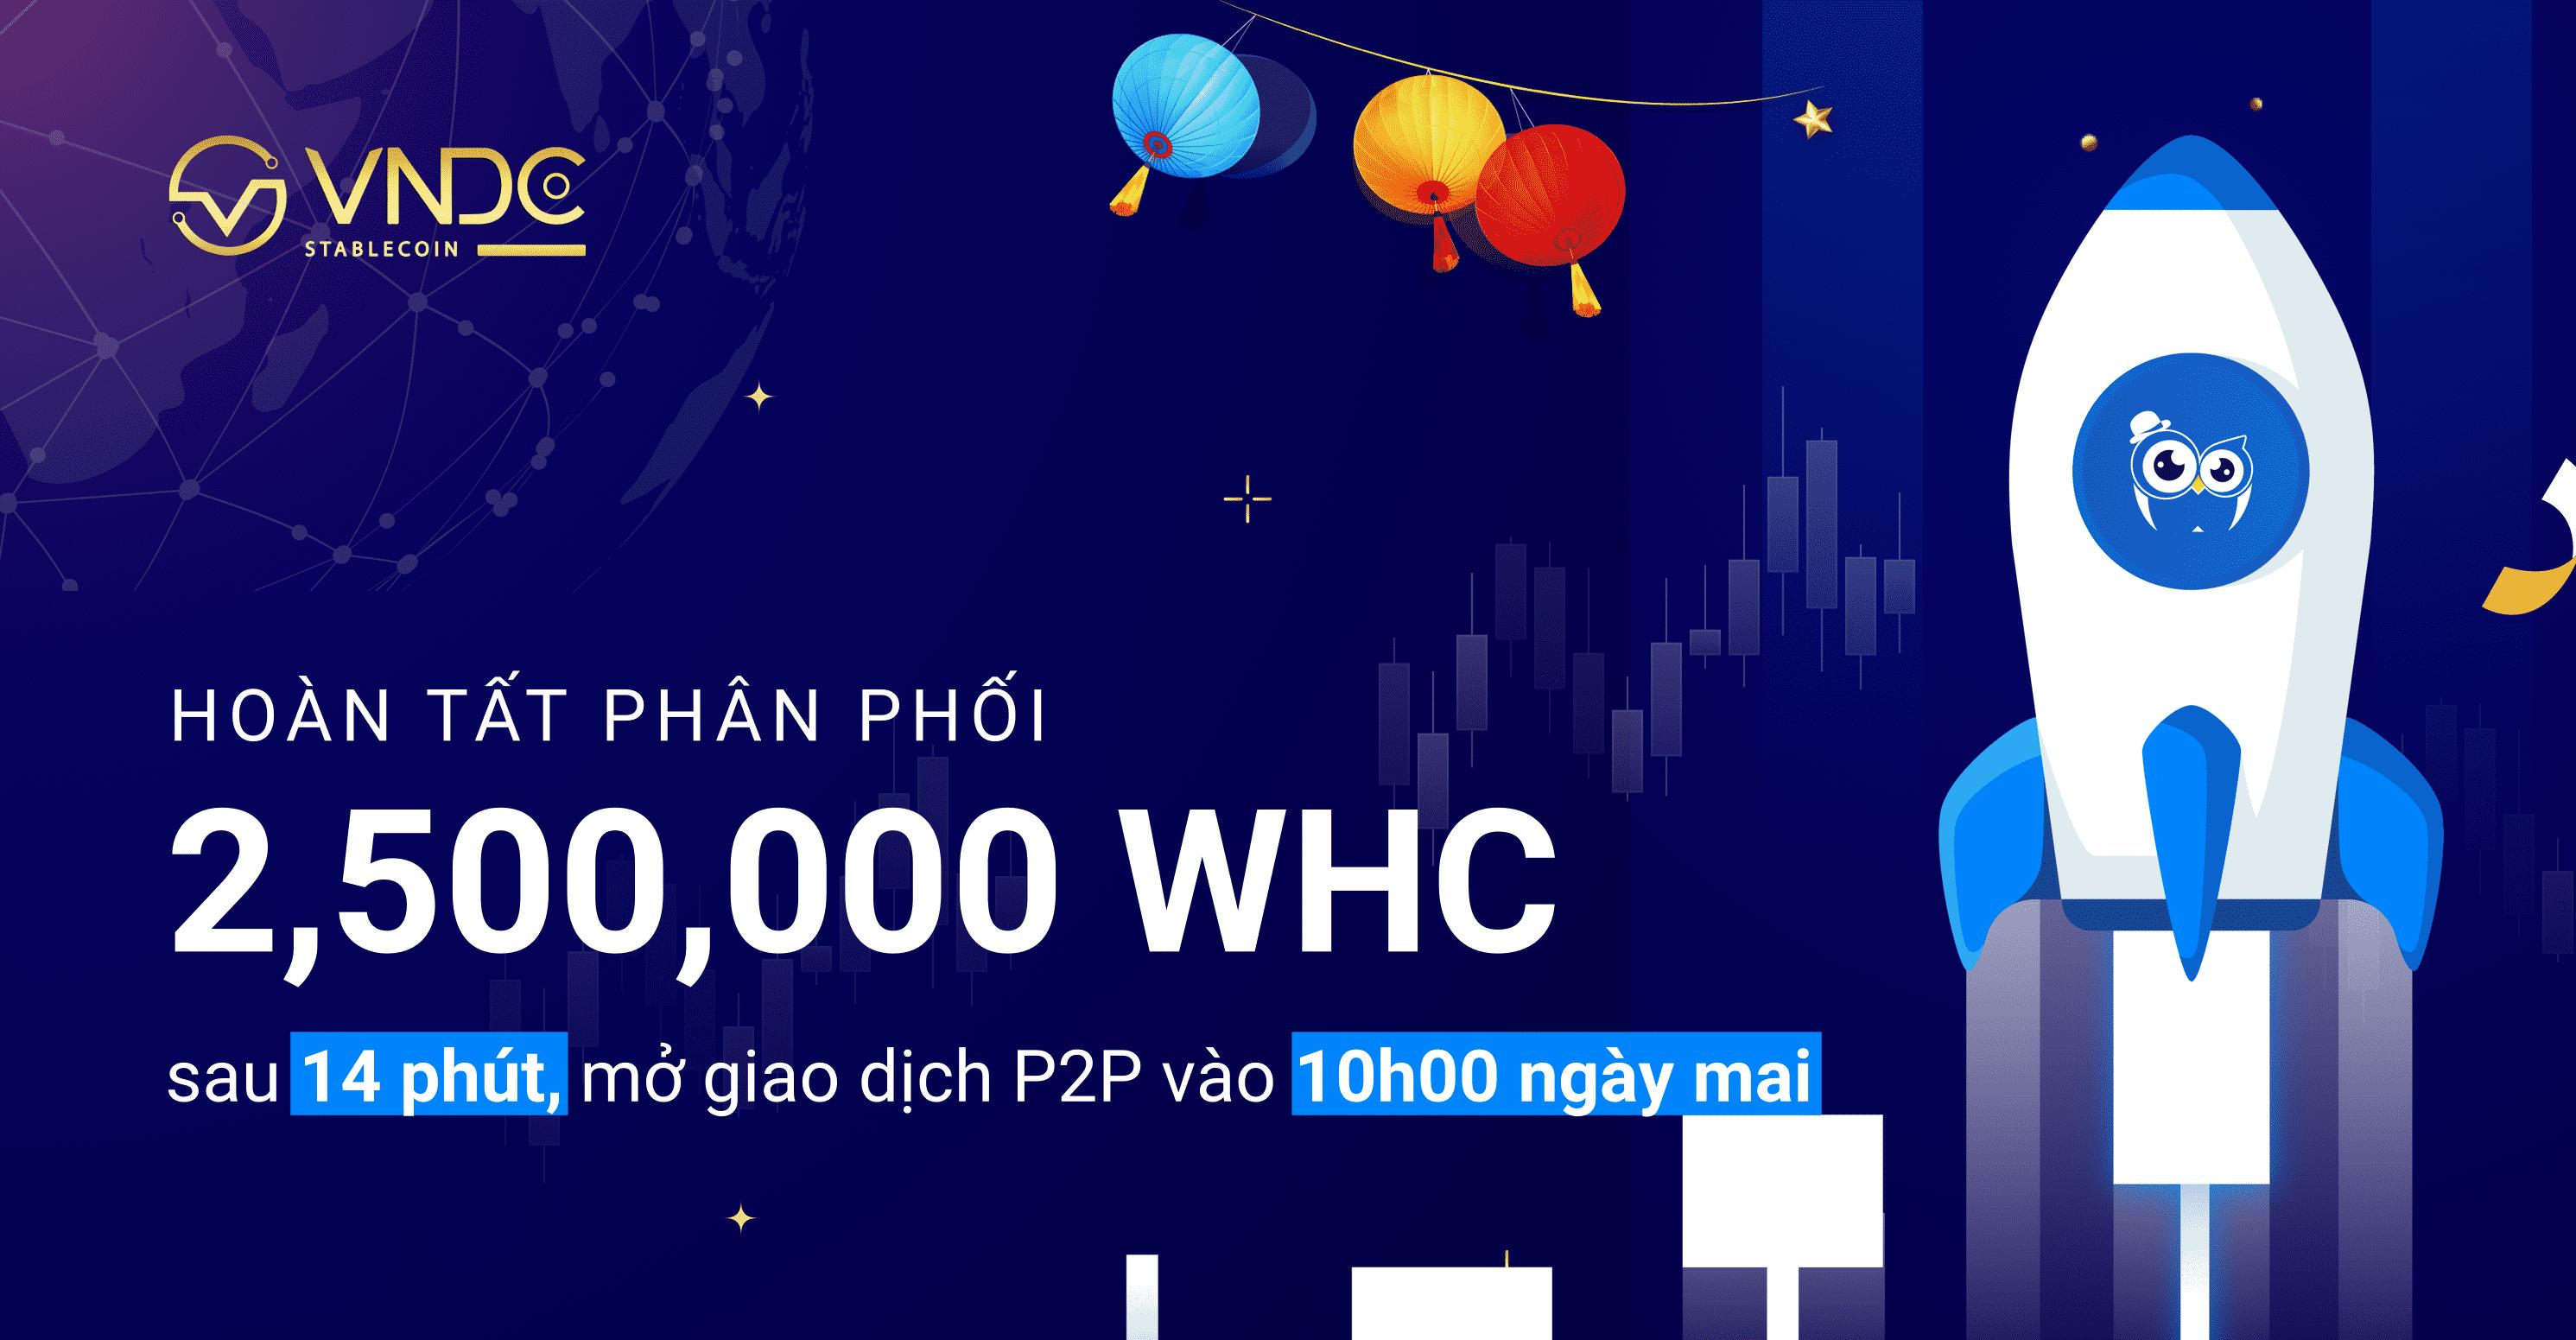 Hoàn tất phân phối 2,500,000 WHC sau 14 phút, mở giao dịch P2P vào 10h00 ngày mai